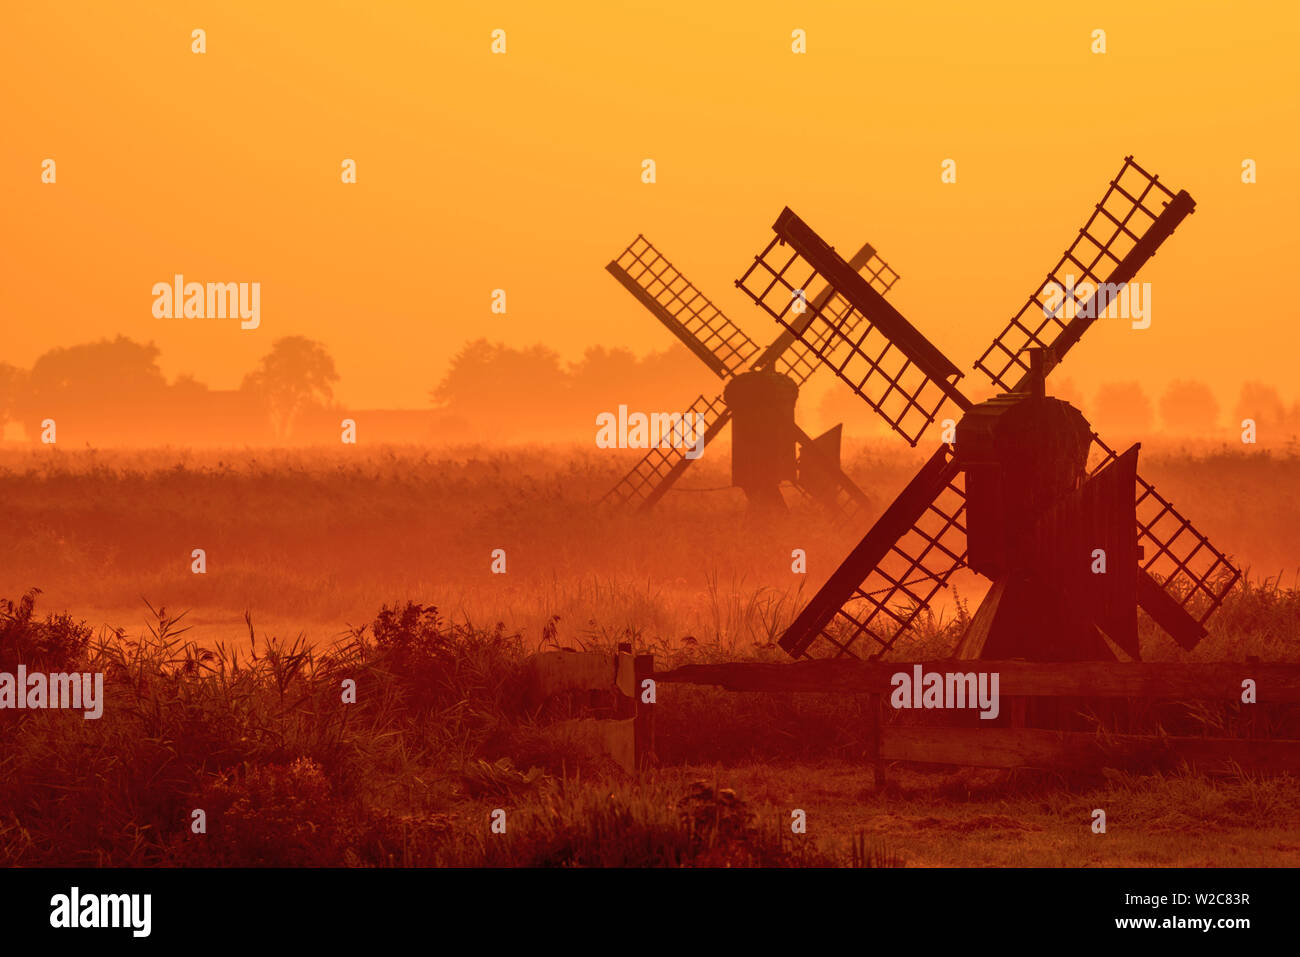 Netherlands, North Holland, Zaandam, Zaanse Schans, Small agricultural windpumps Stock Photo